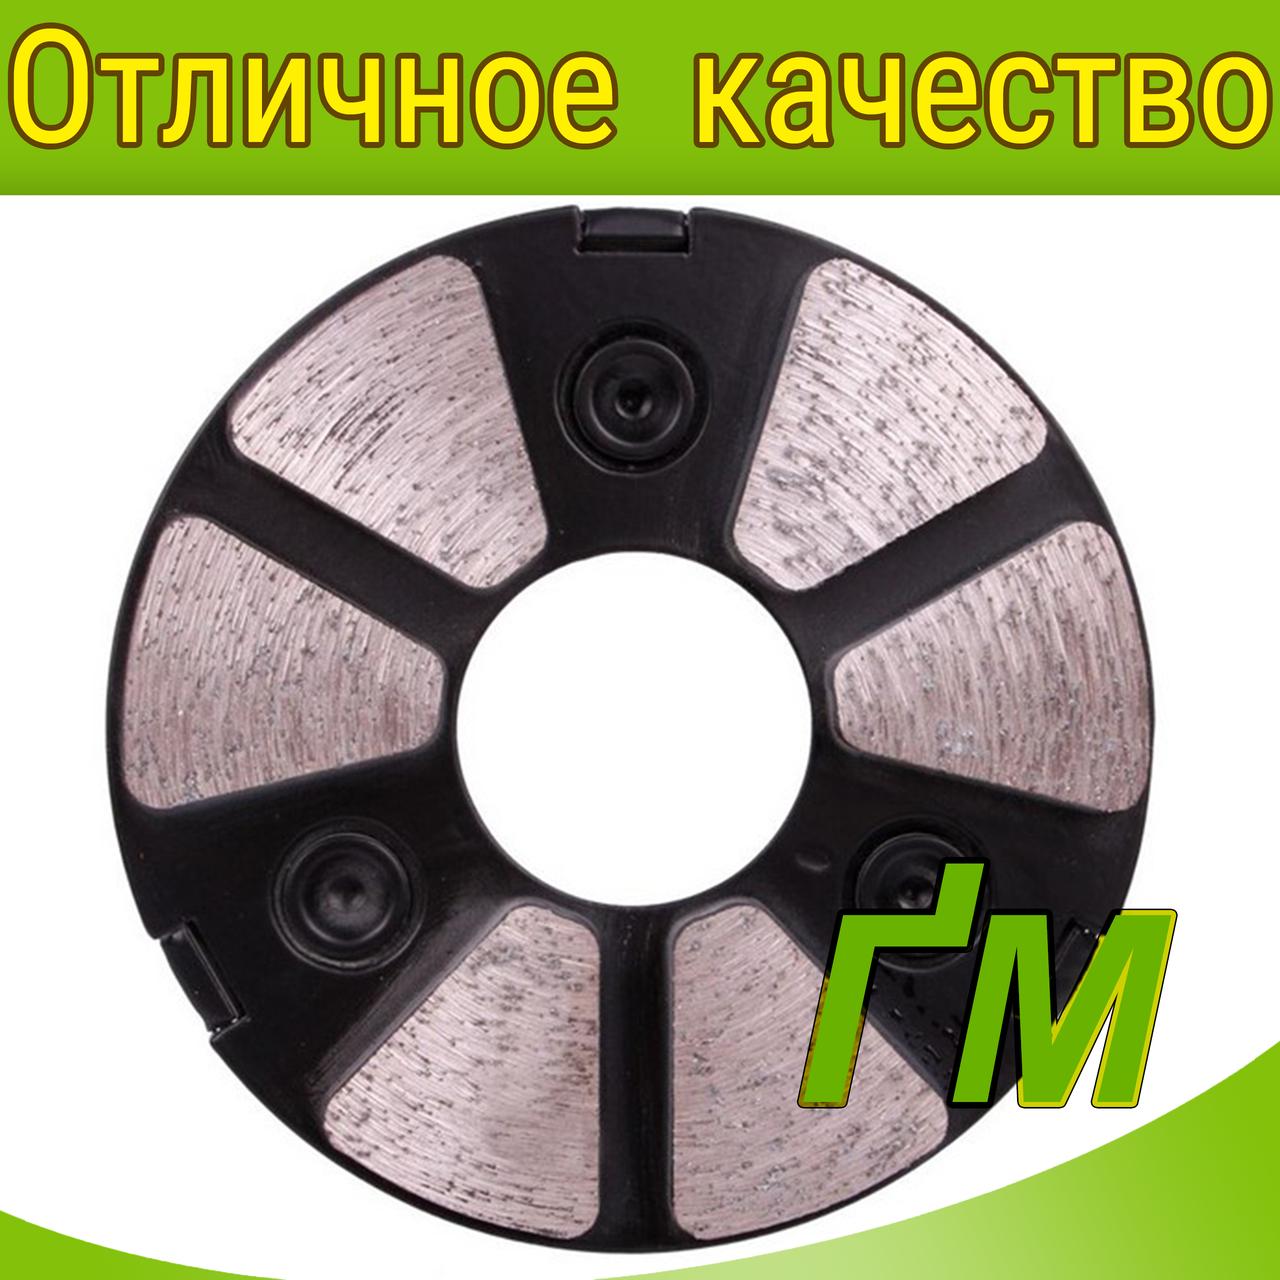 Алмазні фрези Baumesser Beton Pro GS-S 95/МШМ-6 №0